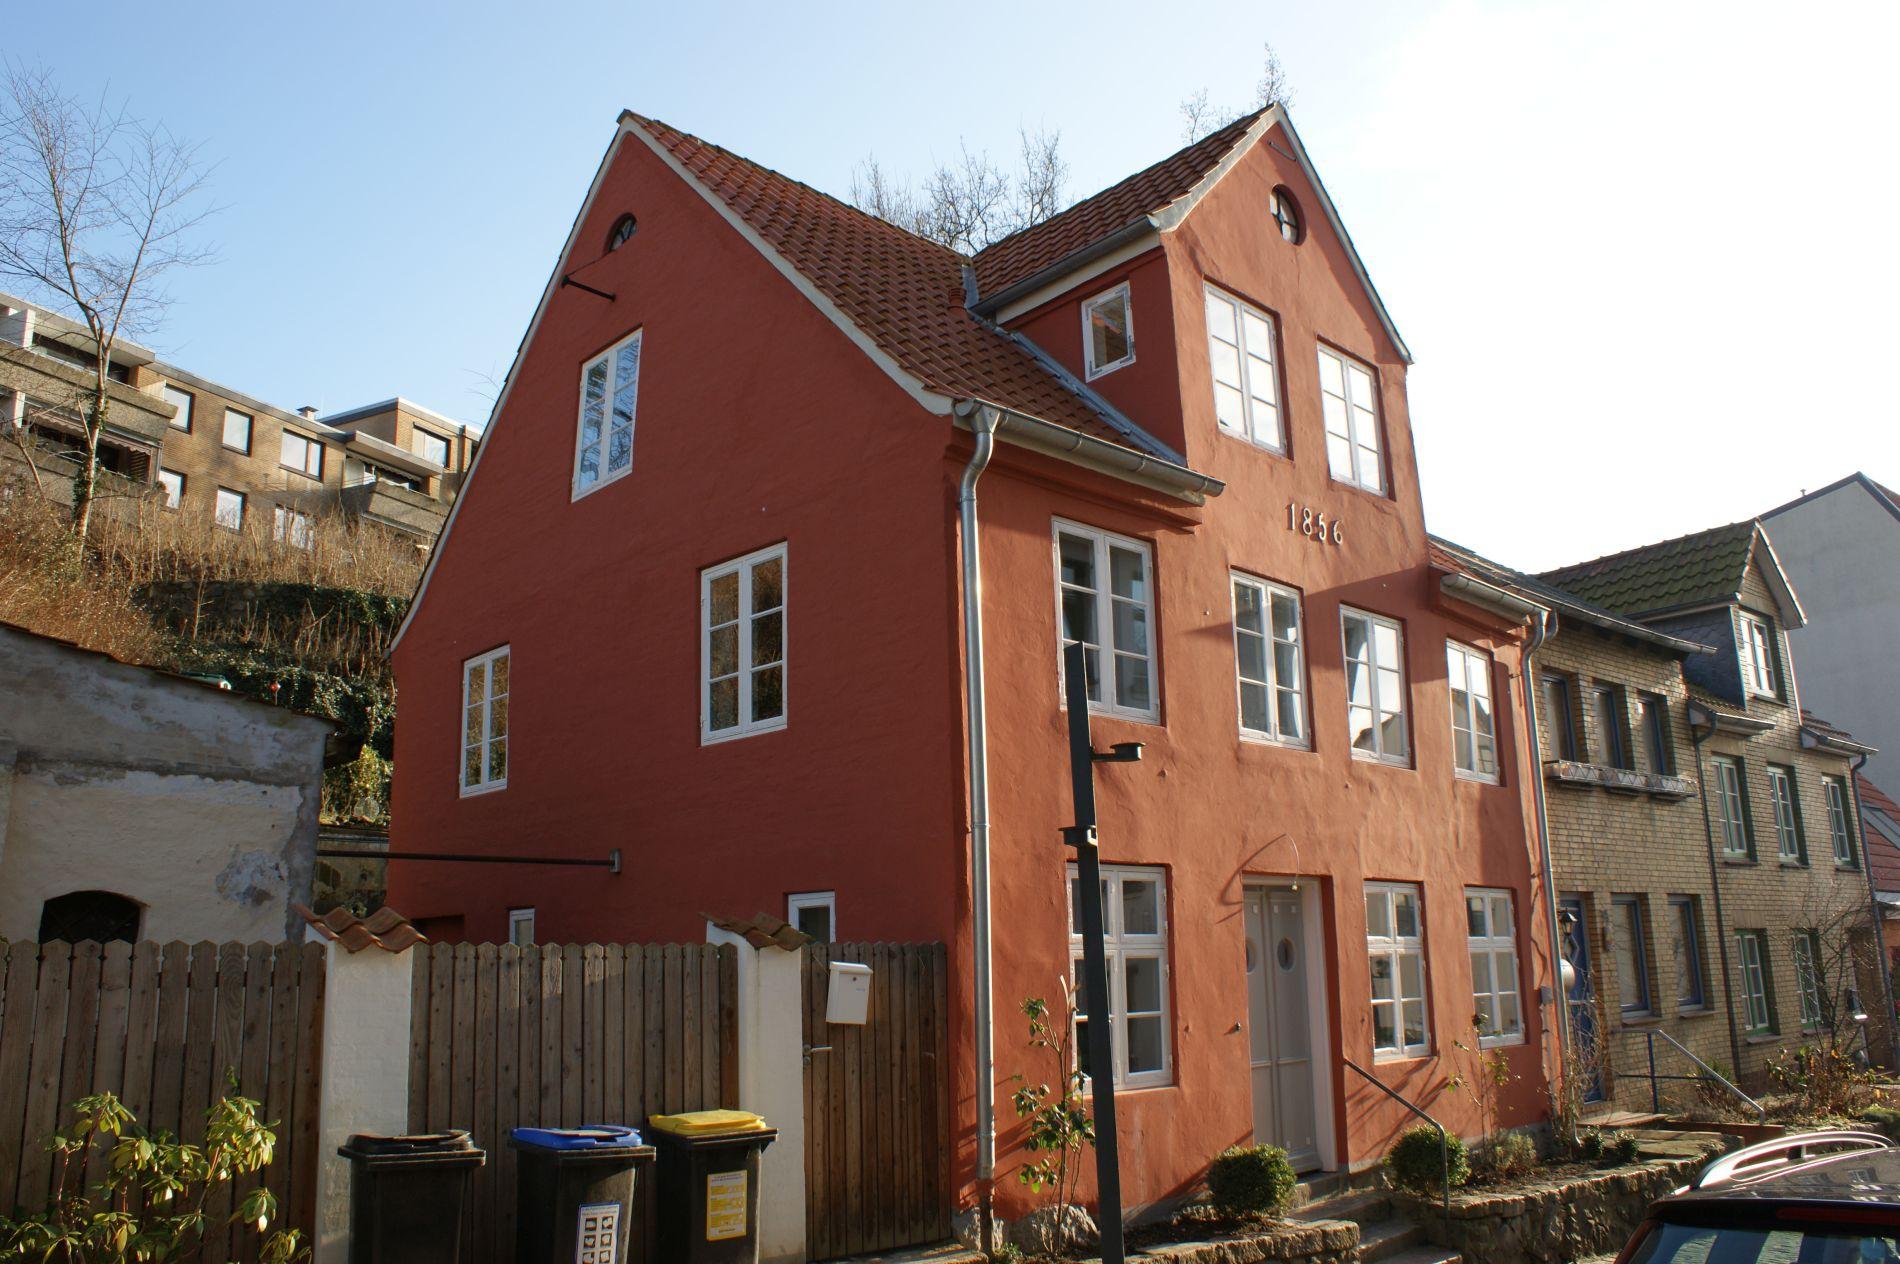 Gebäude von 1826 St.-Jürgen-Straße, Flensburg